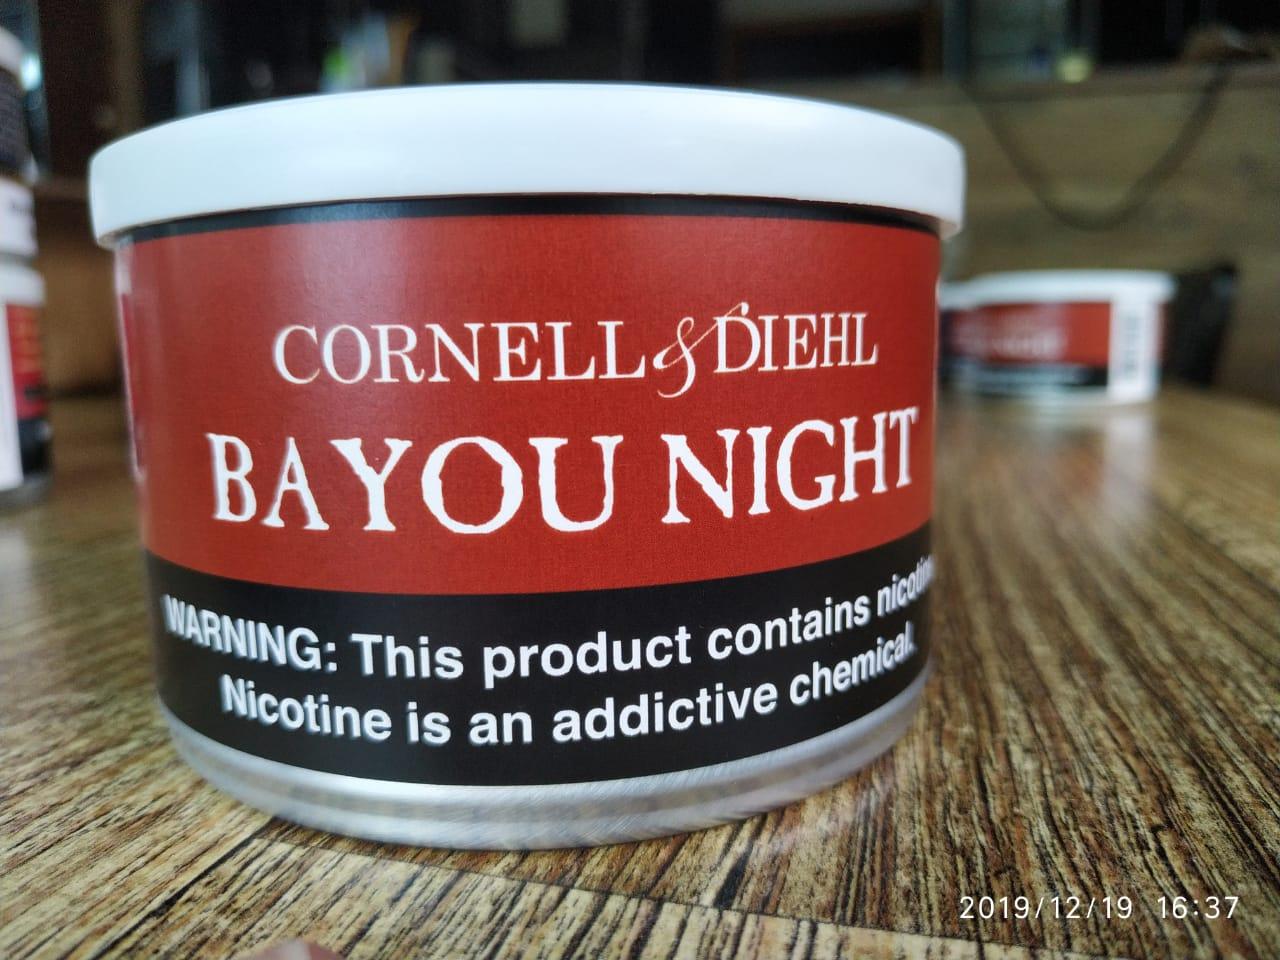 Cornell & Diehl - Bayou Night